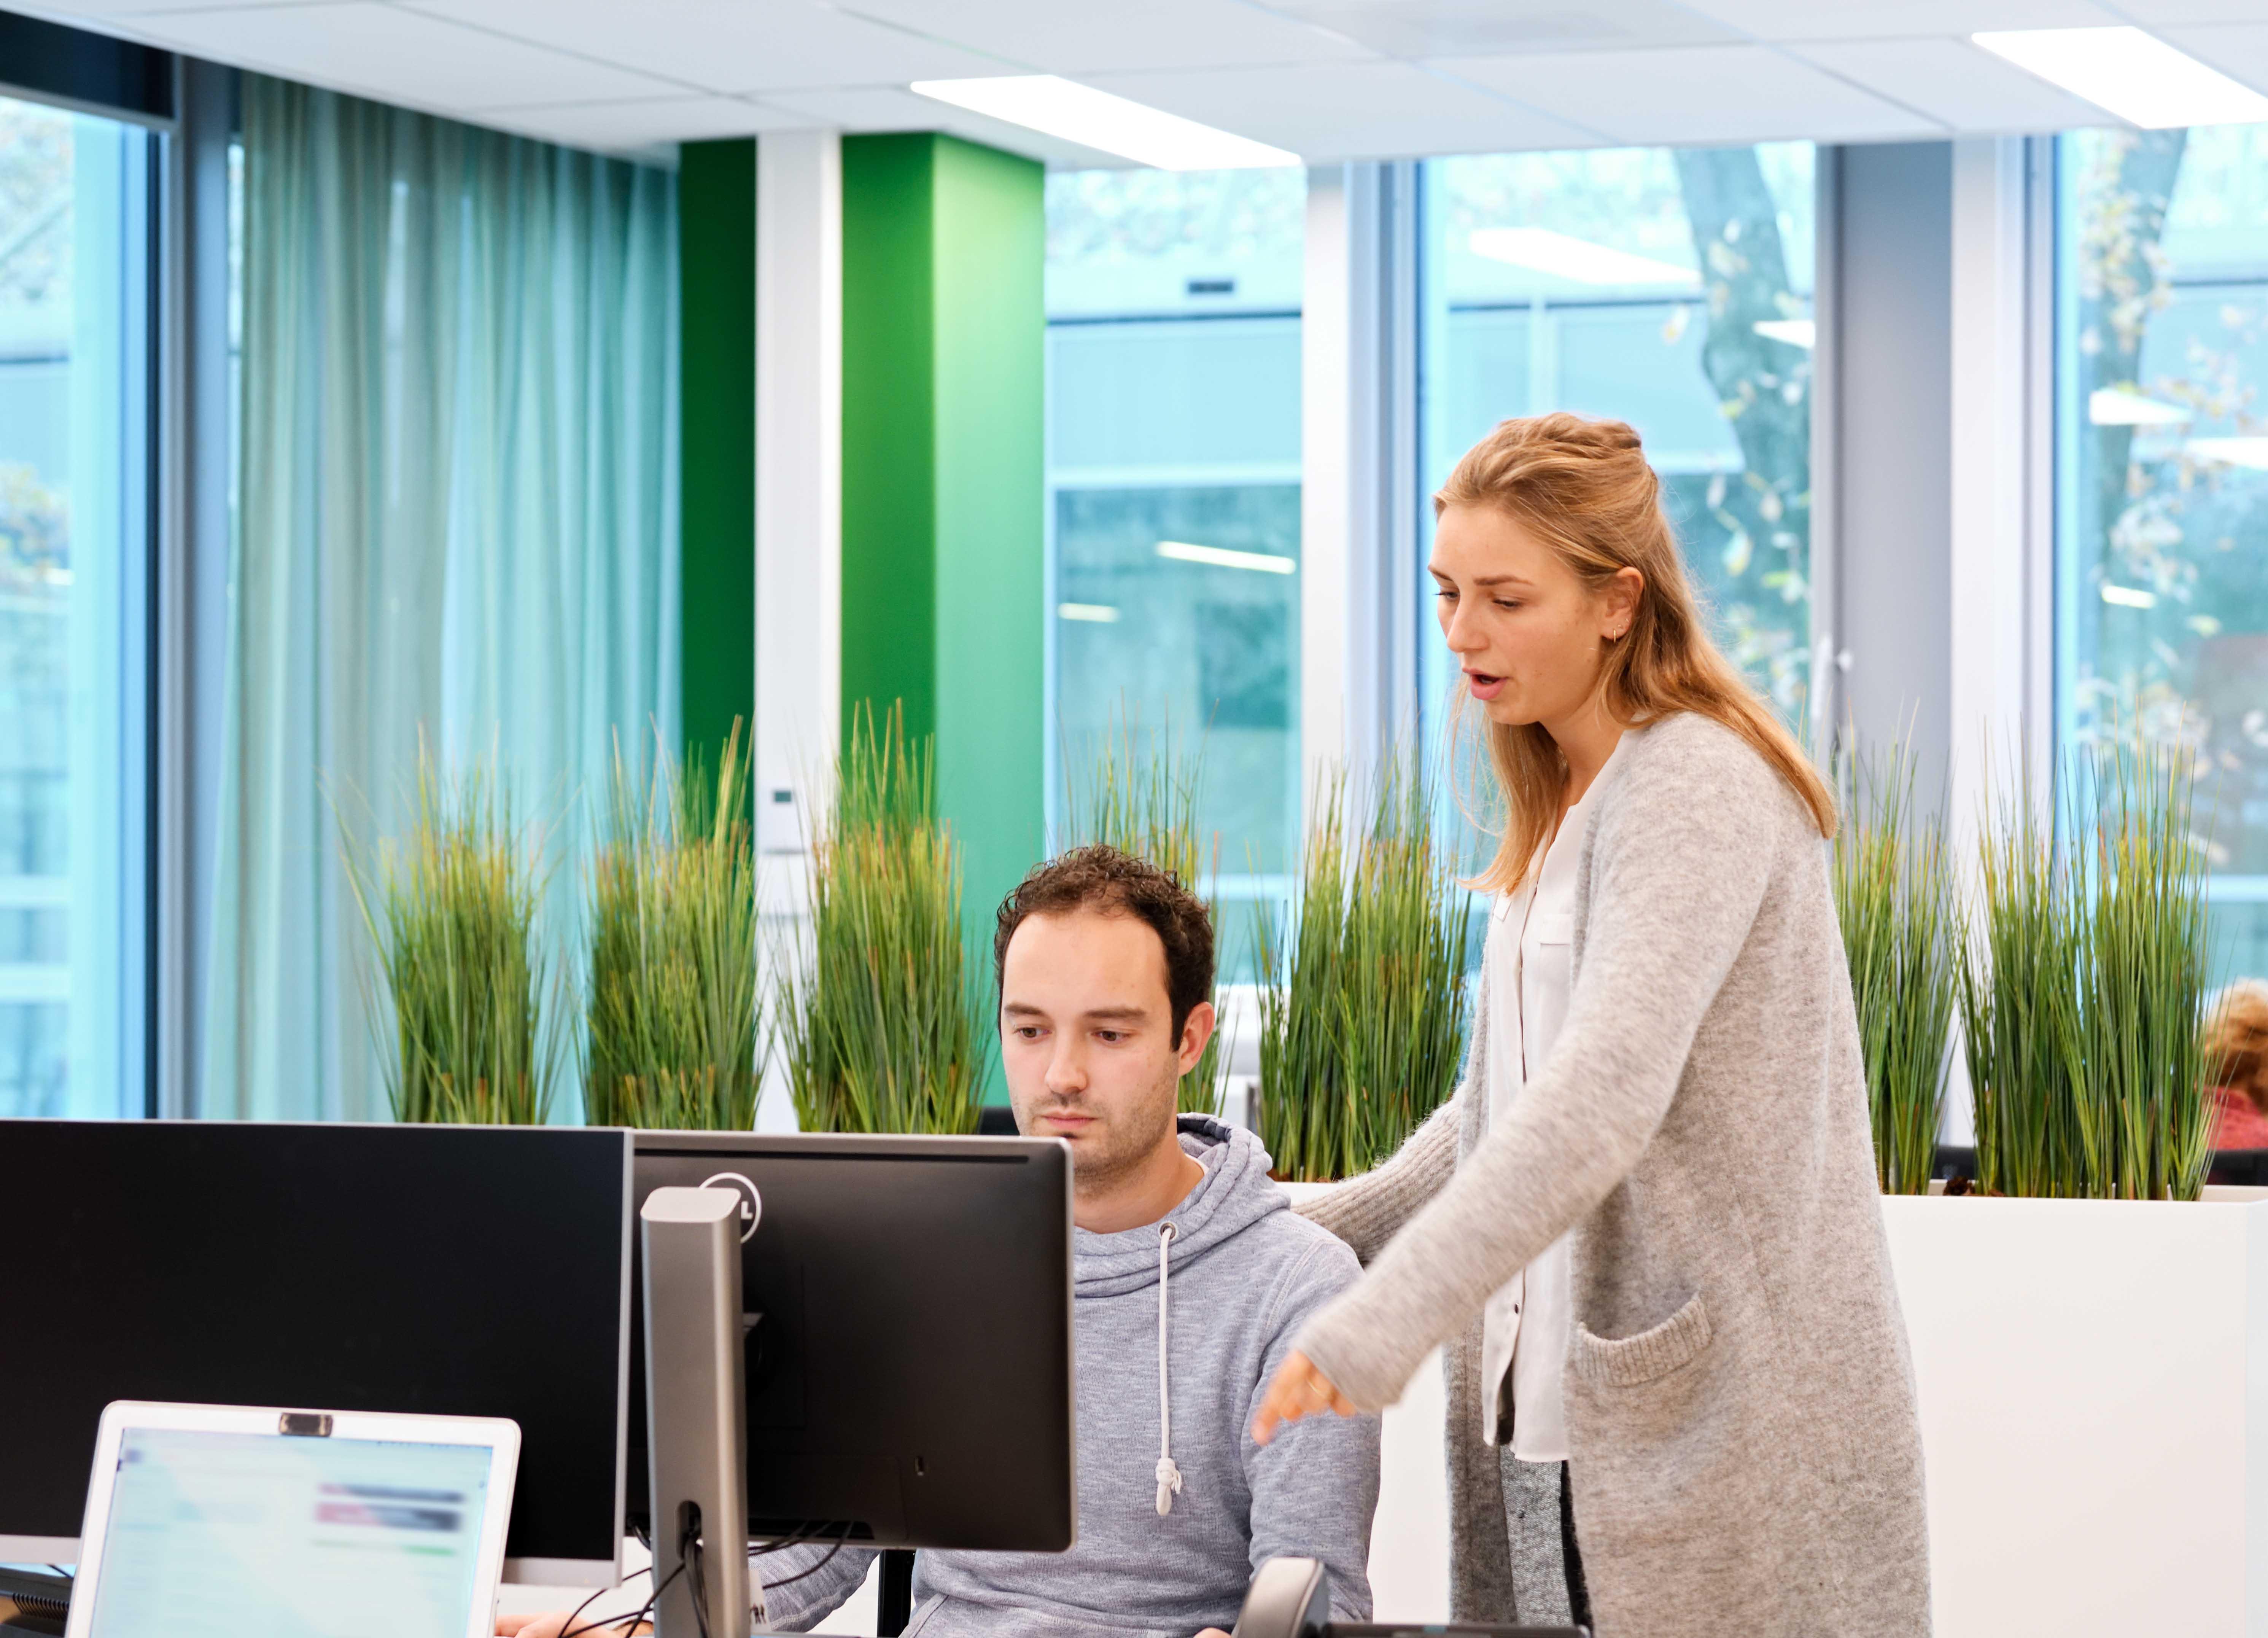 Jongen en meisje op kantoor van EuFlex, Meisje legt jongen iets uit.